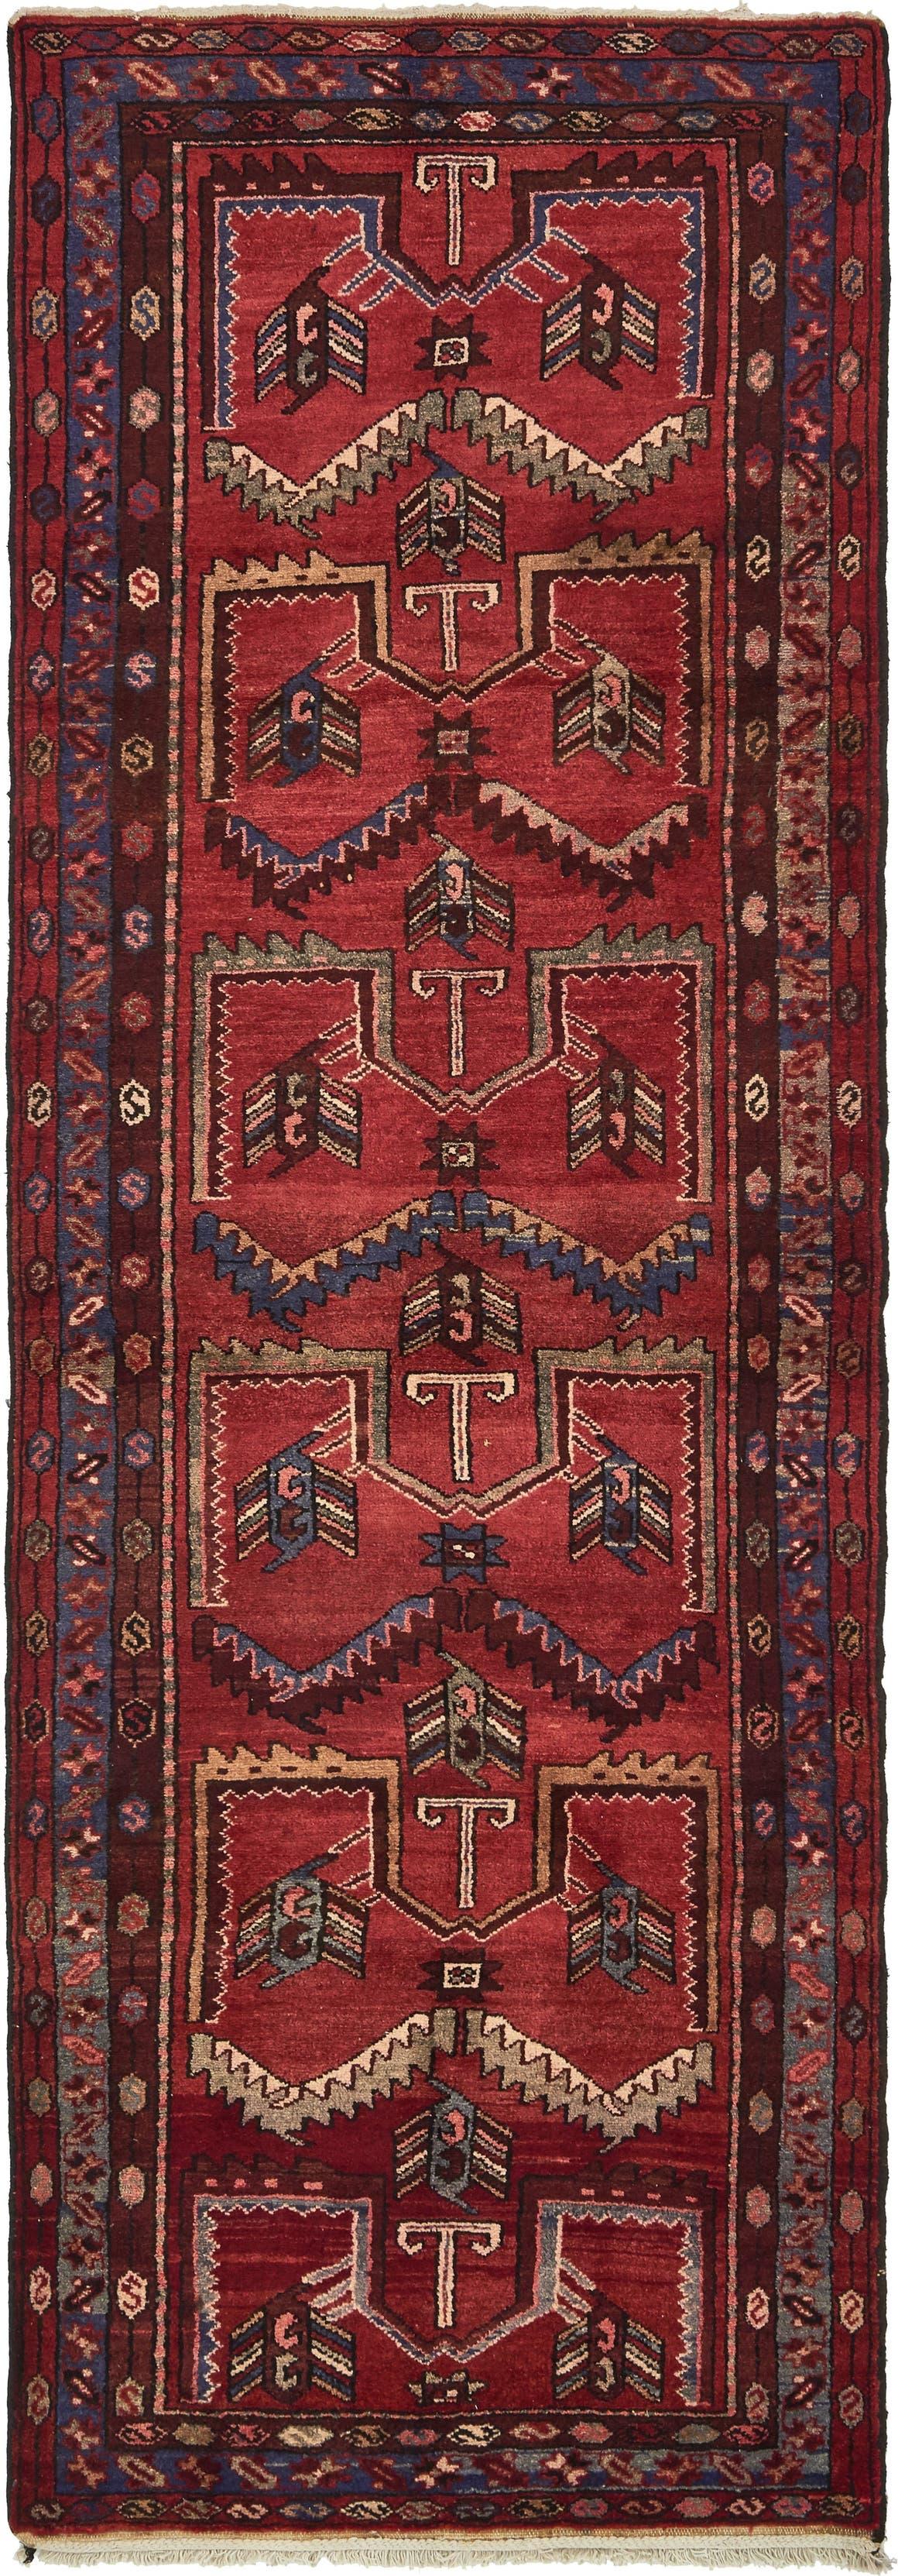 3' 5 x 10' 2 Hamedan Persian Runner Rug main image